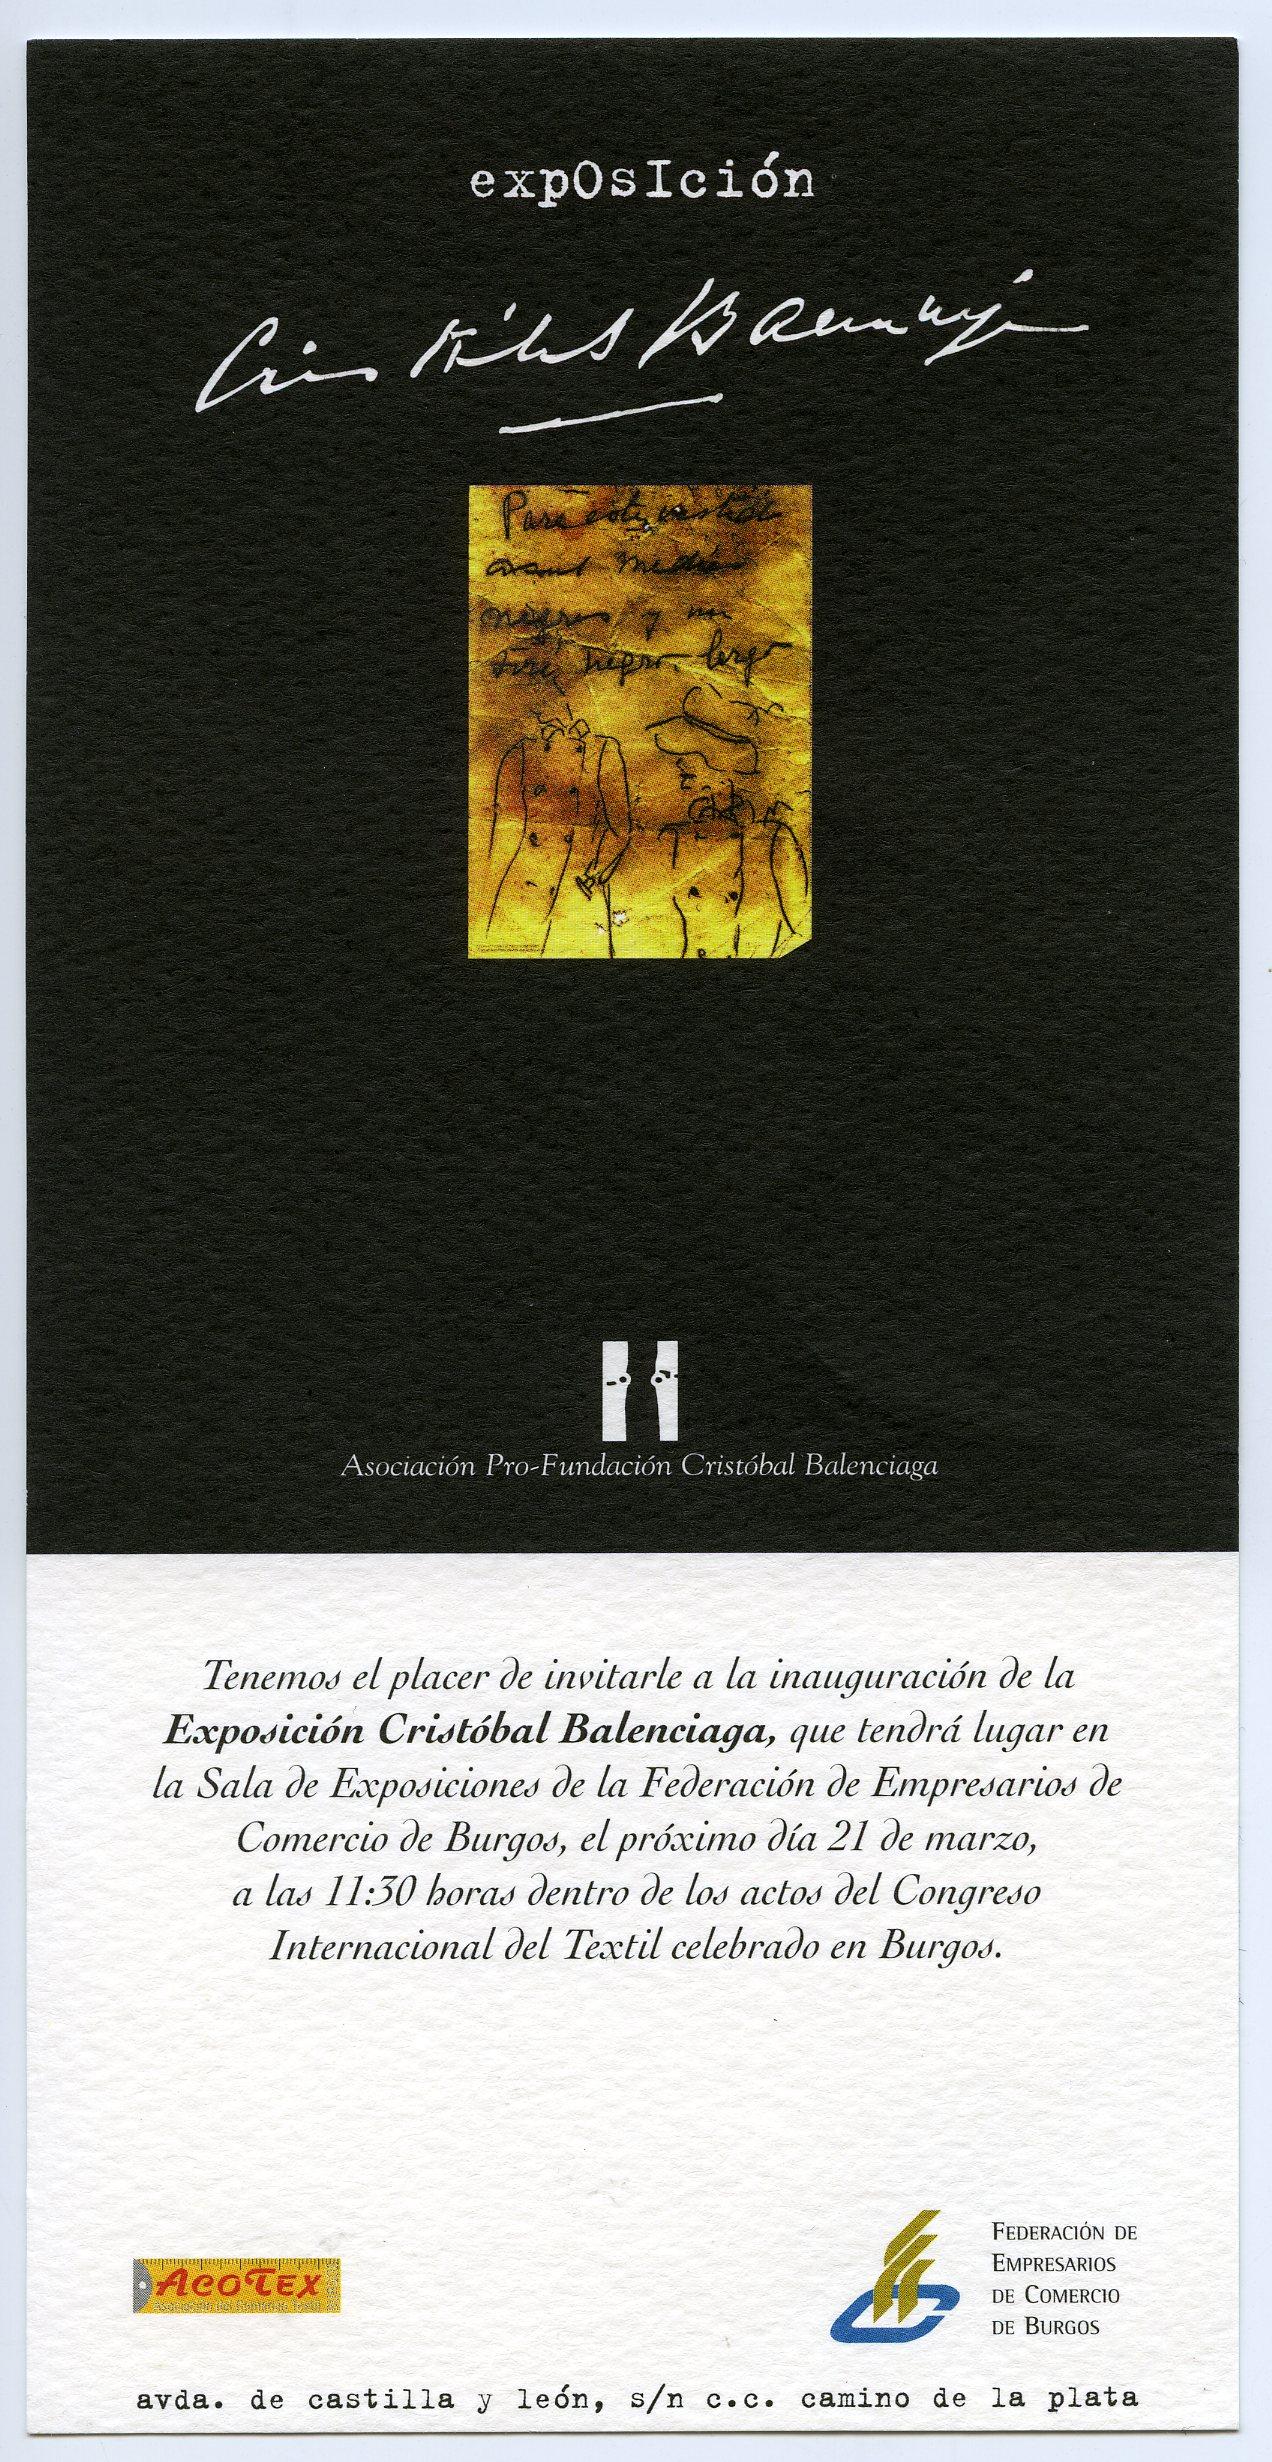 Invitación de la Fundación Critóbal Balenciaga